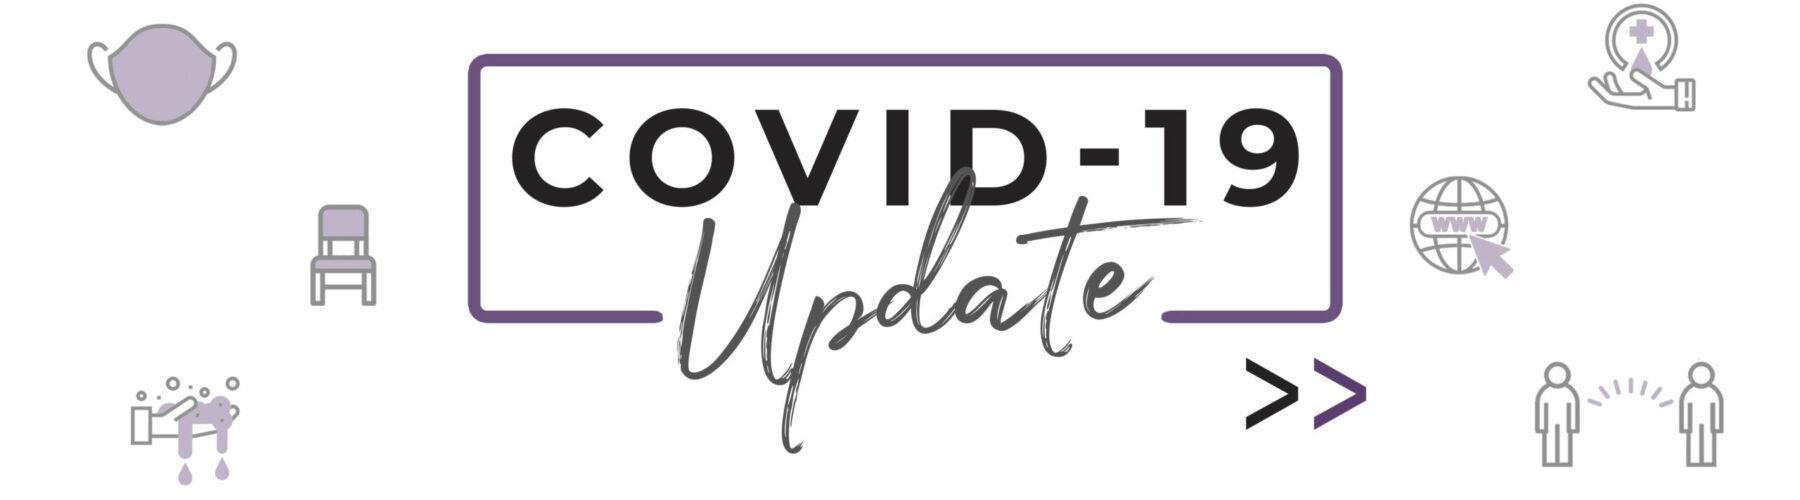 Covid-19 Update header